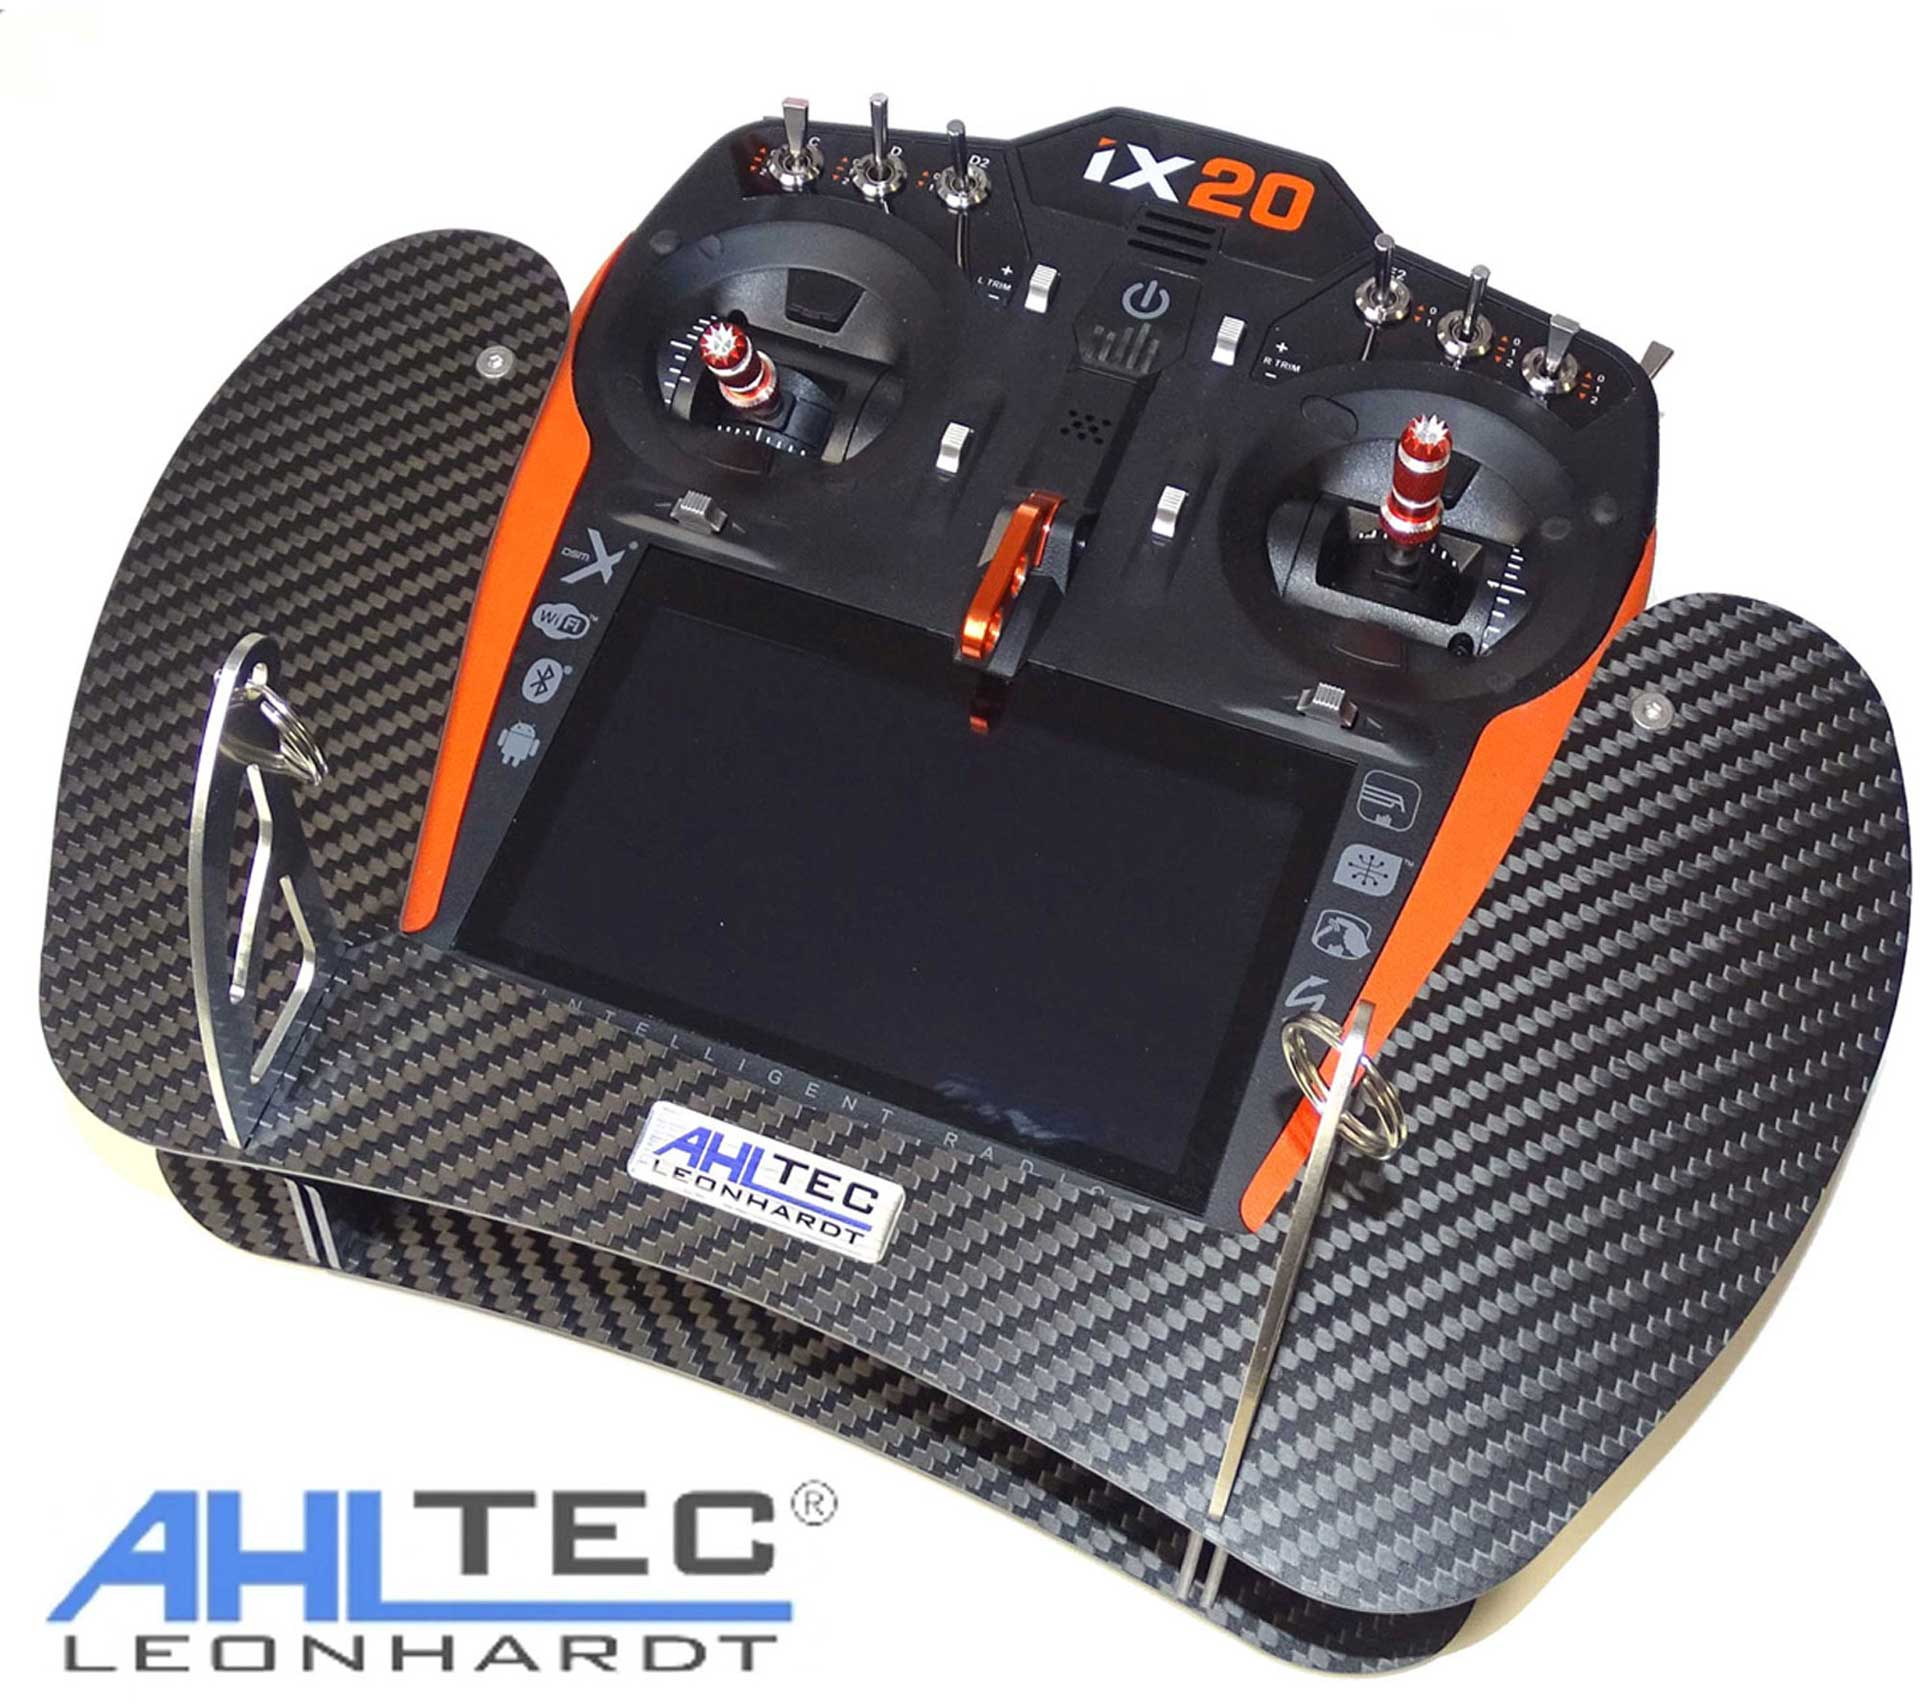 AHLTEC Senderpult iX20 in Carbon